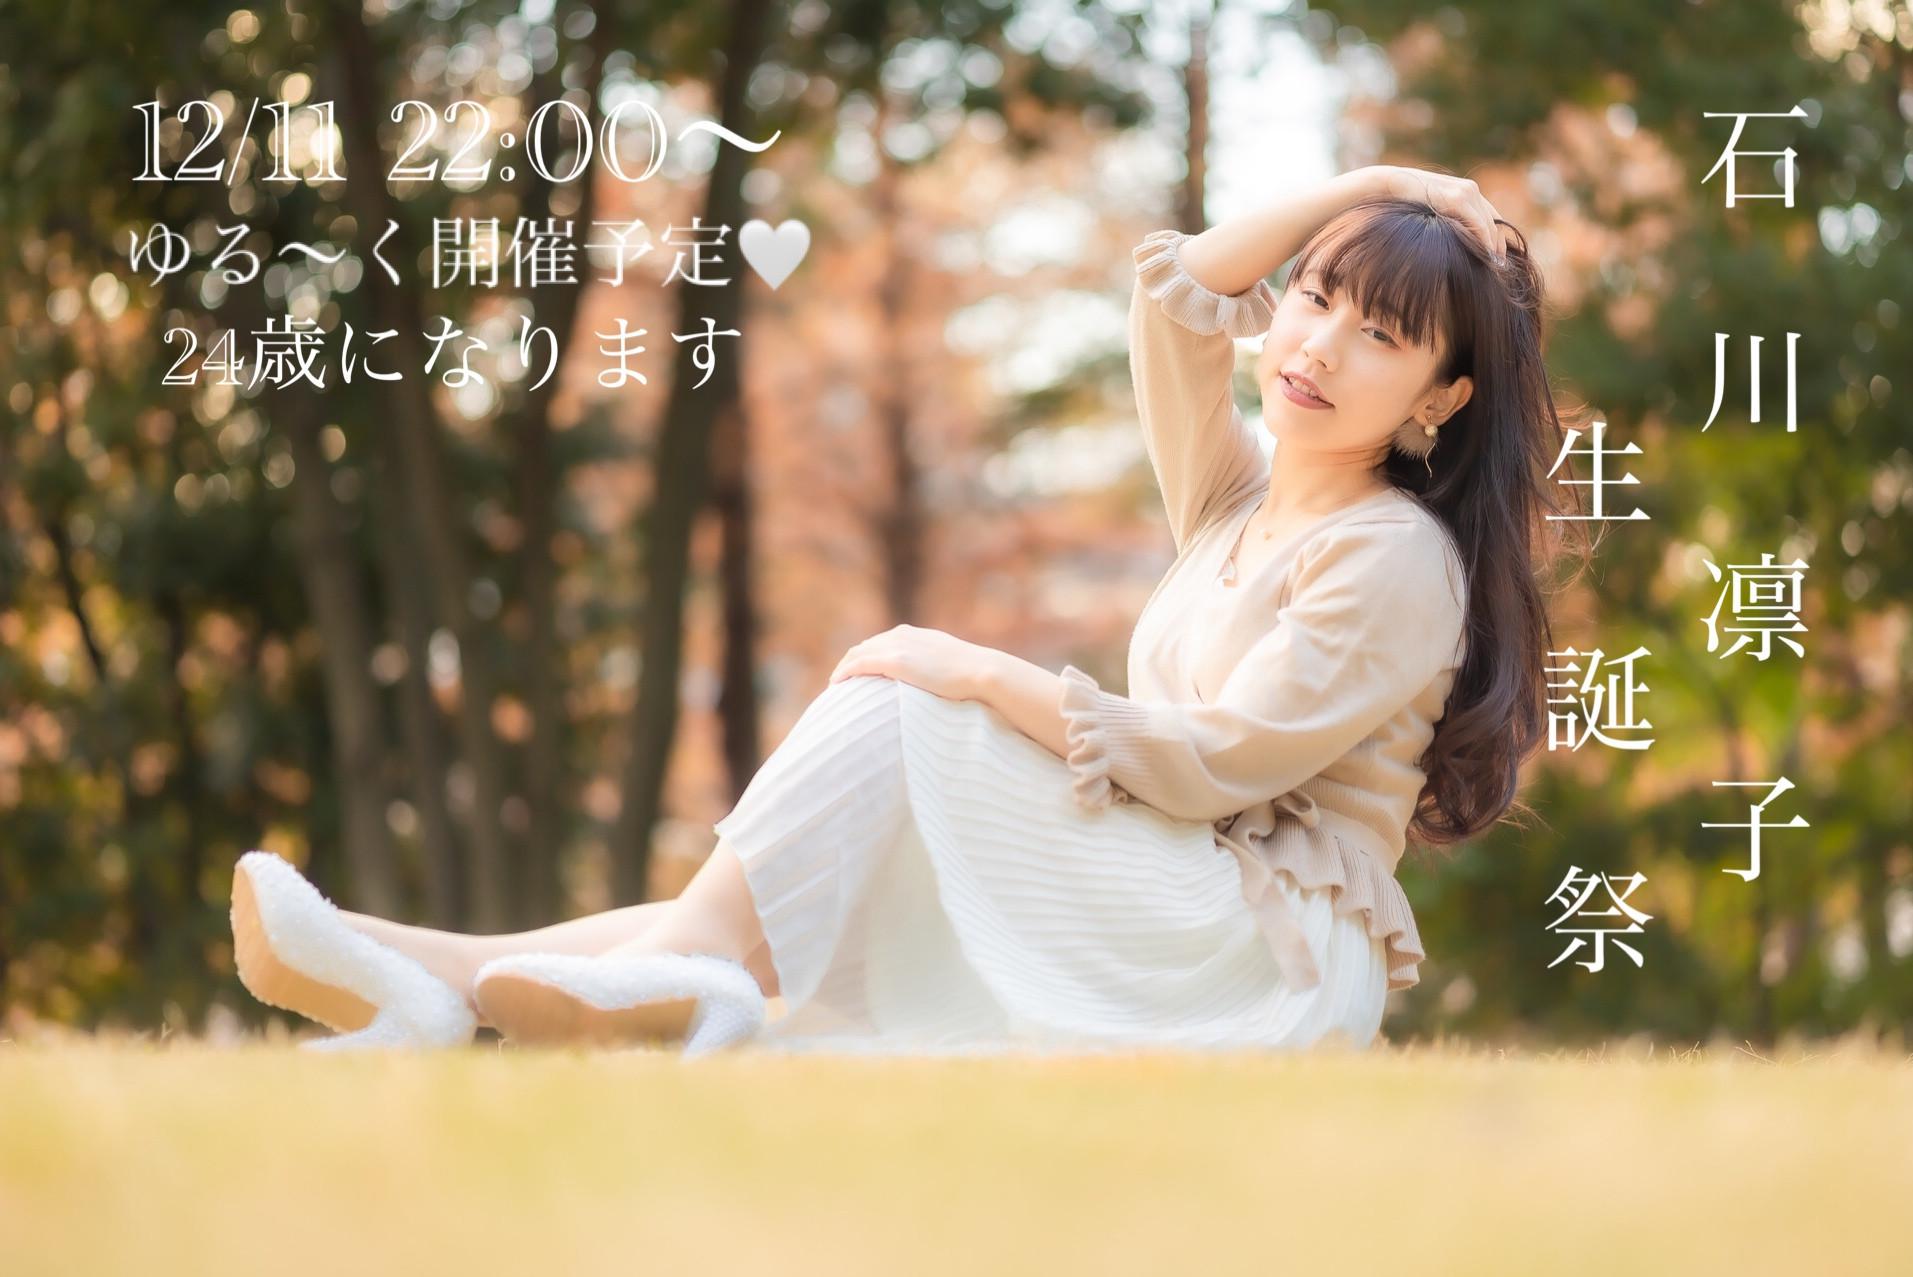 【祝】12/11(金)☆石川凛子☆ちゃん誕生日パーチャ!